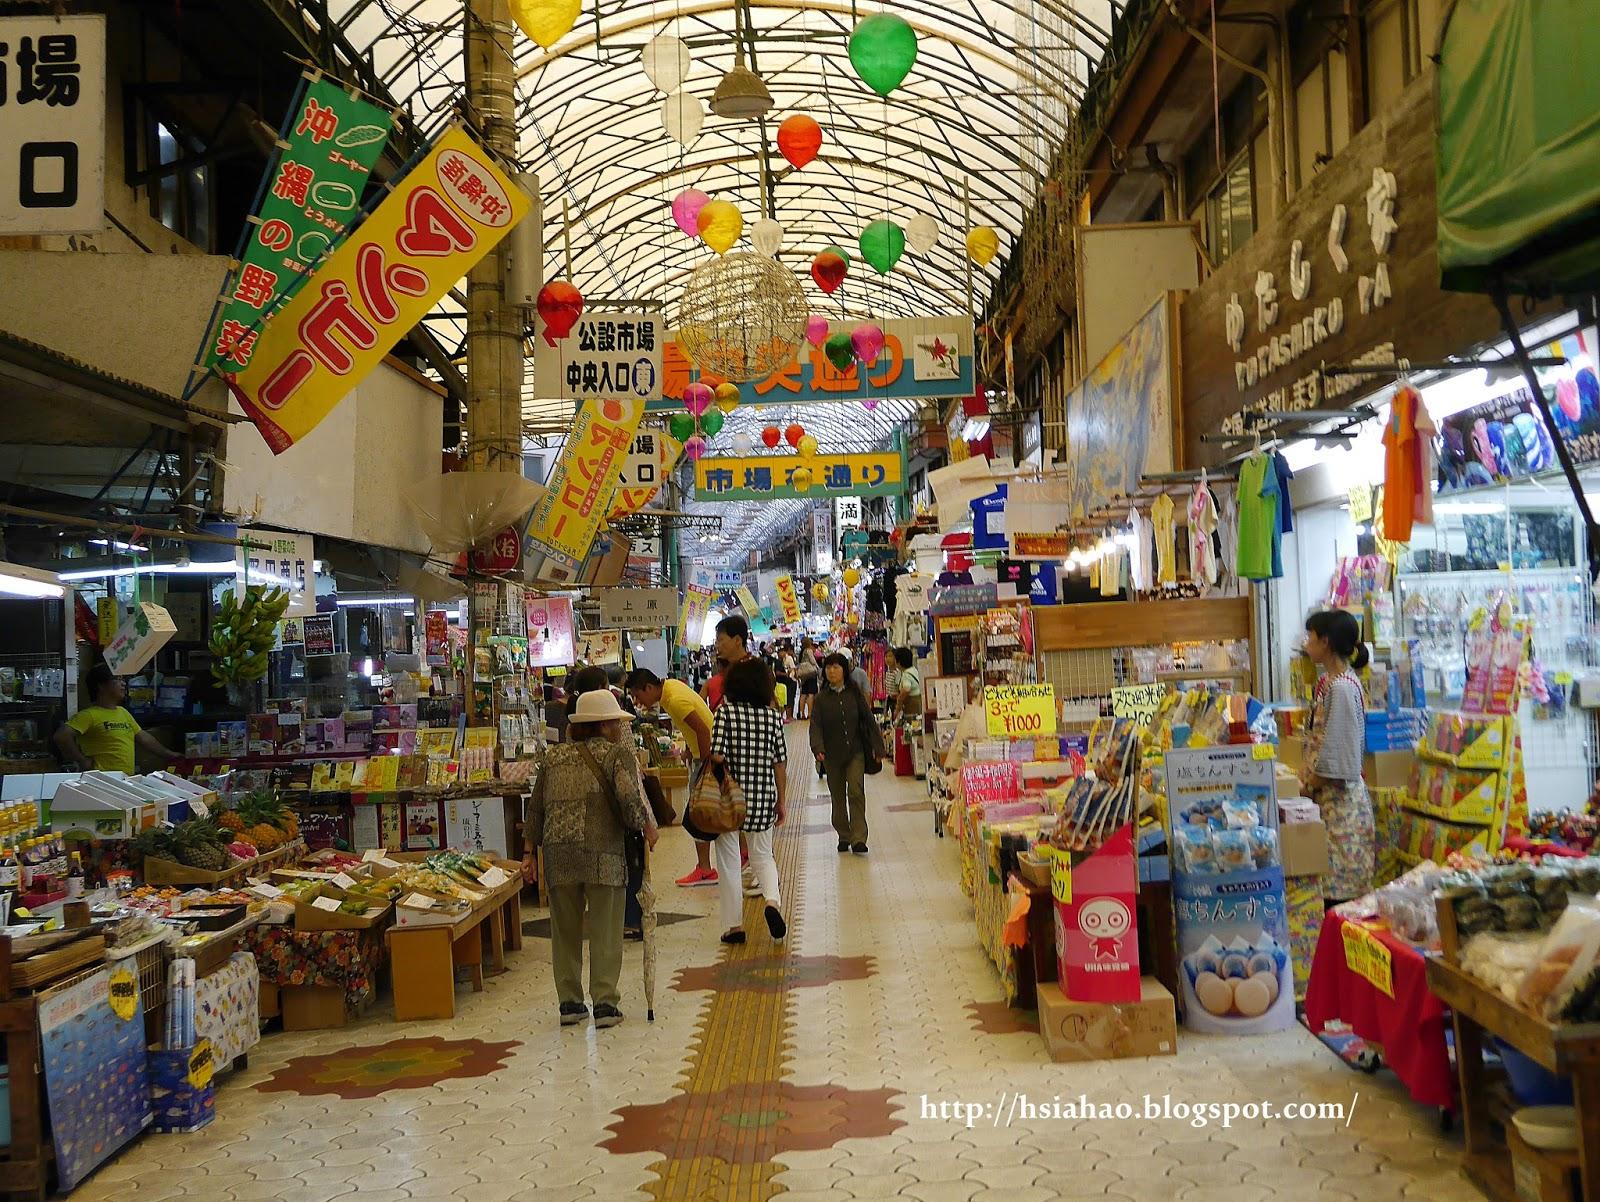 沖繩-國際通-牧志公設市場-平和通-浮島通逛街-購物-逛街-景點-自由行-Okinawa-kokusaidori